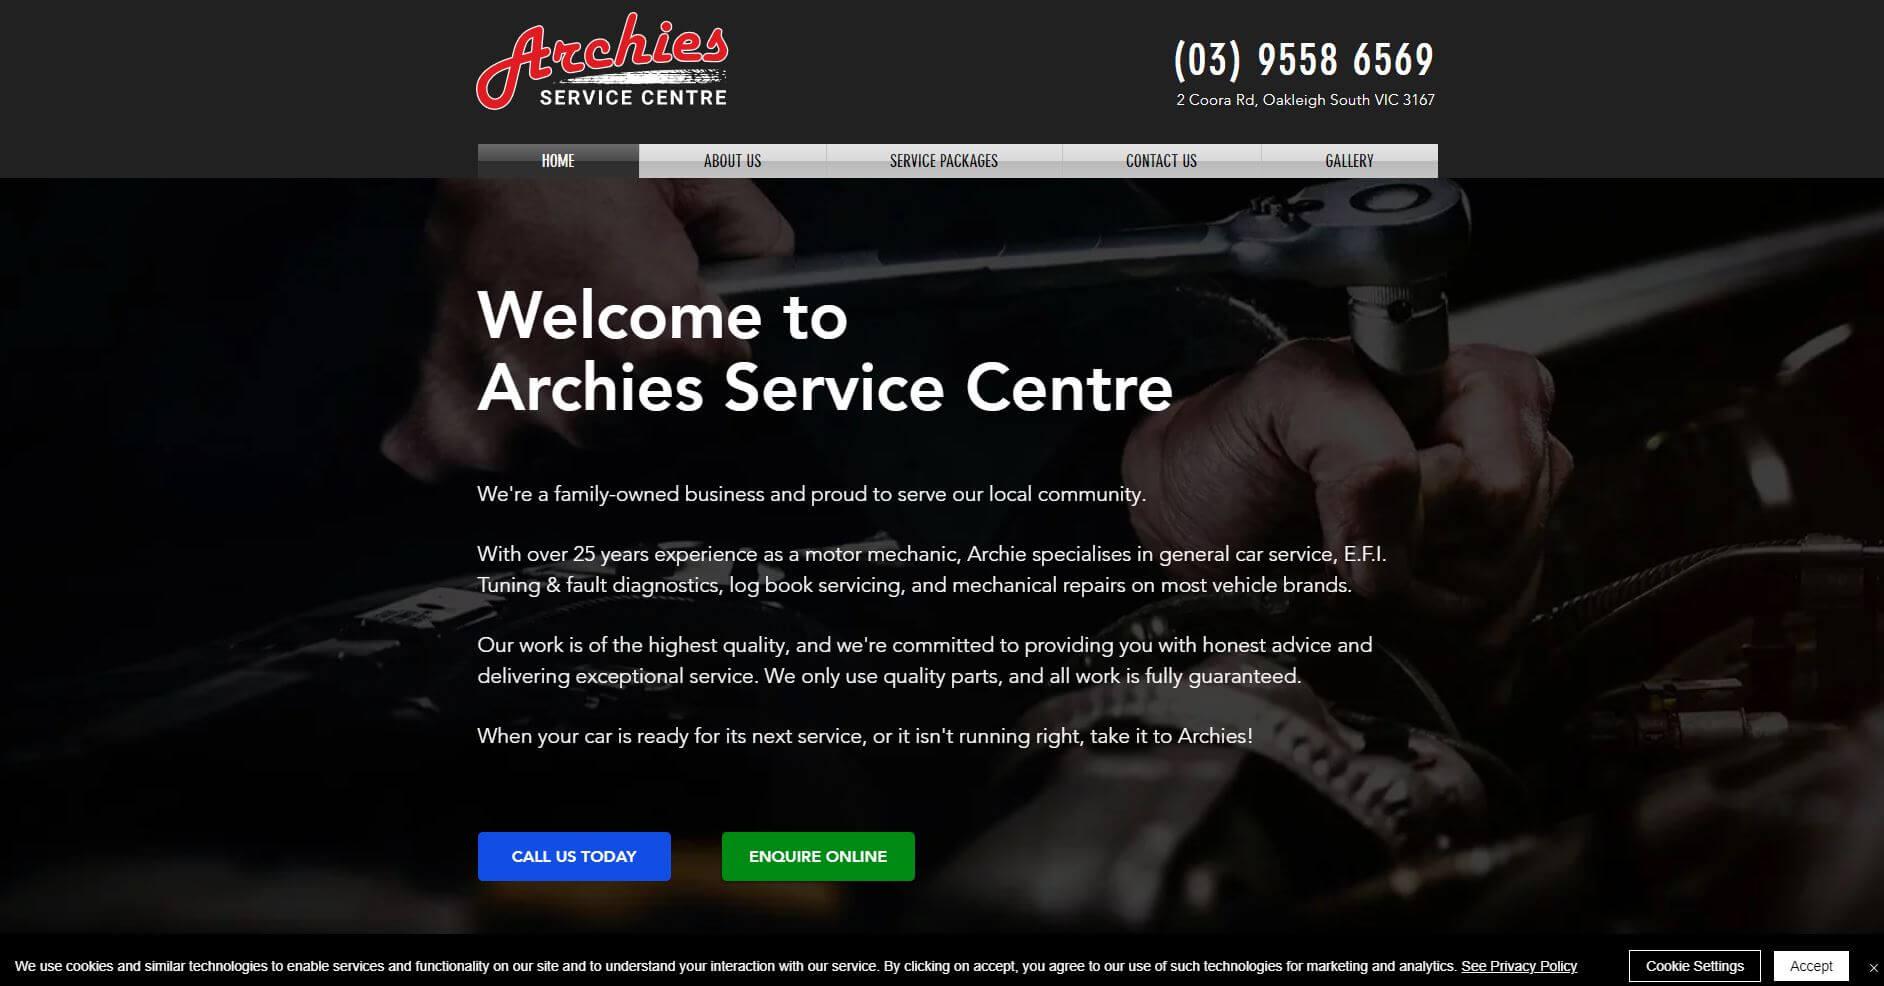 Archies Service Centre